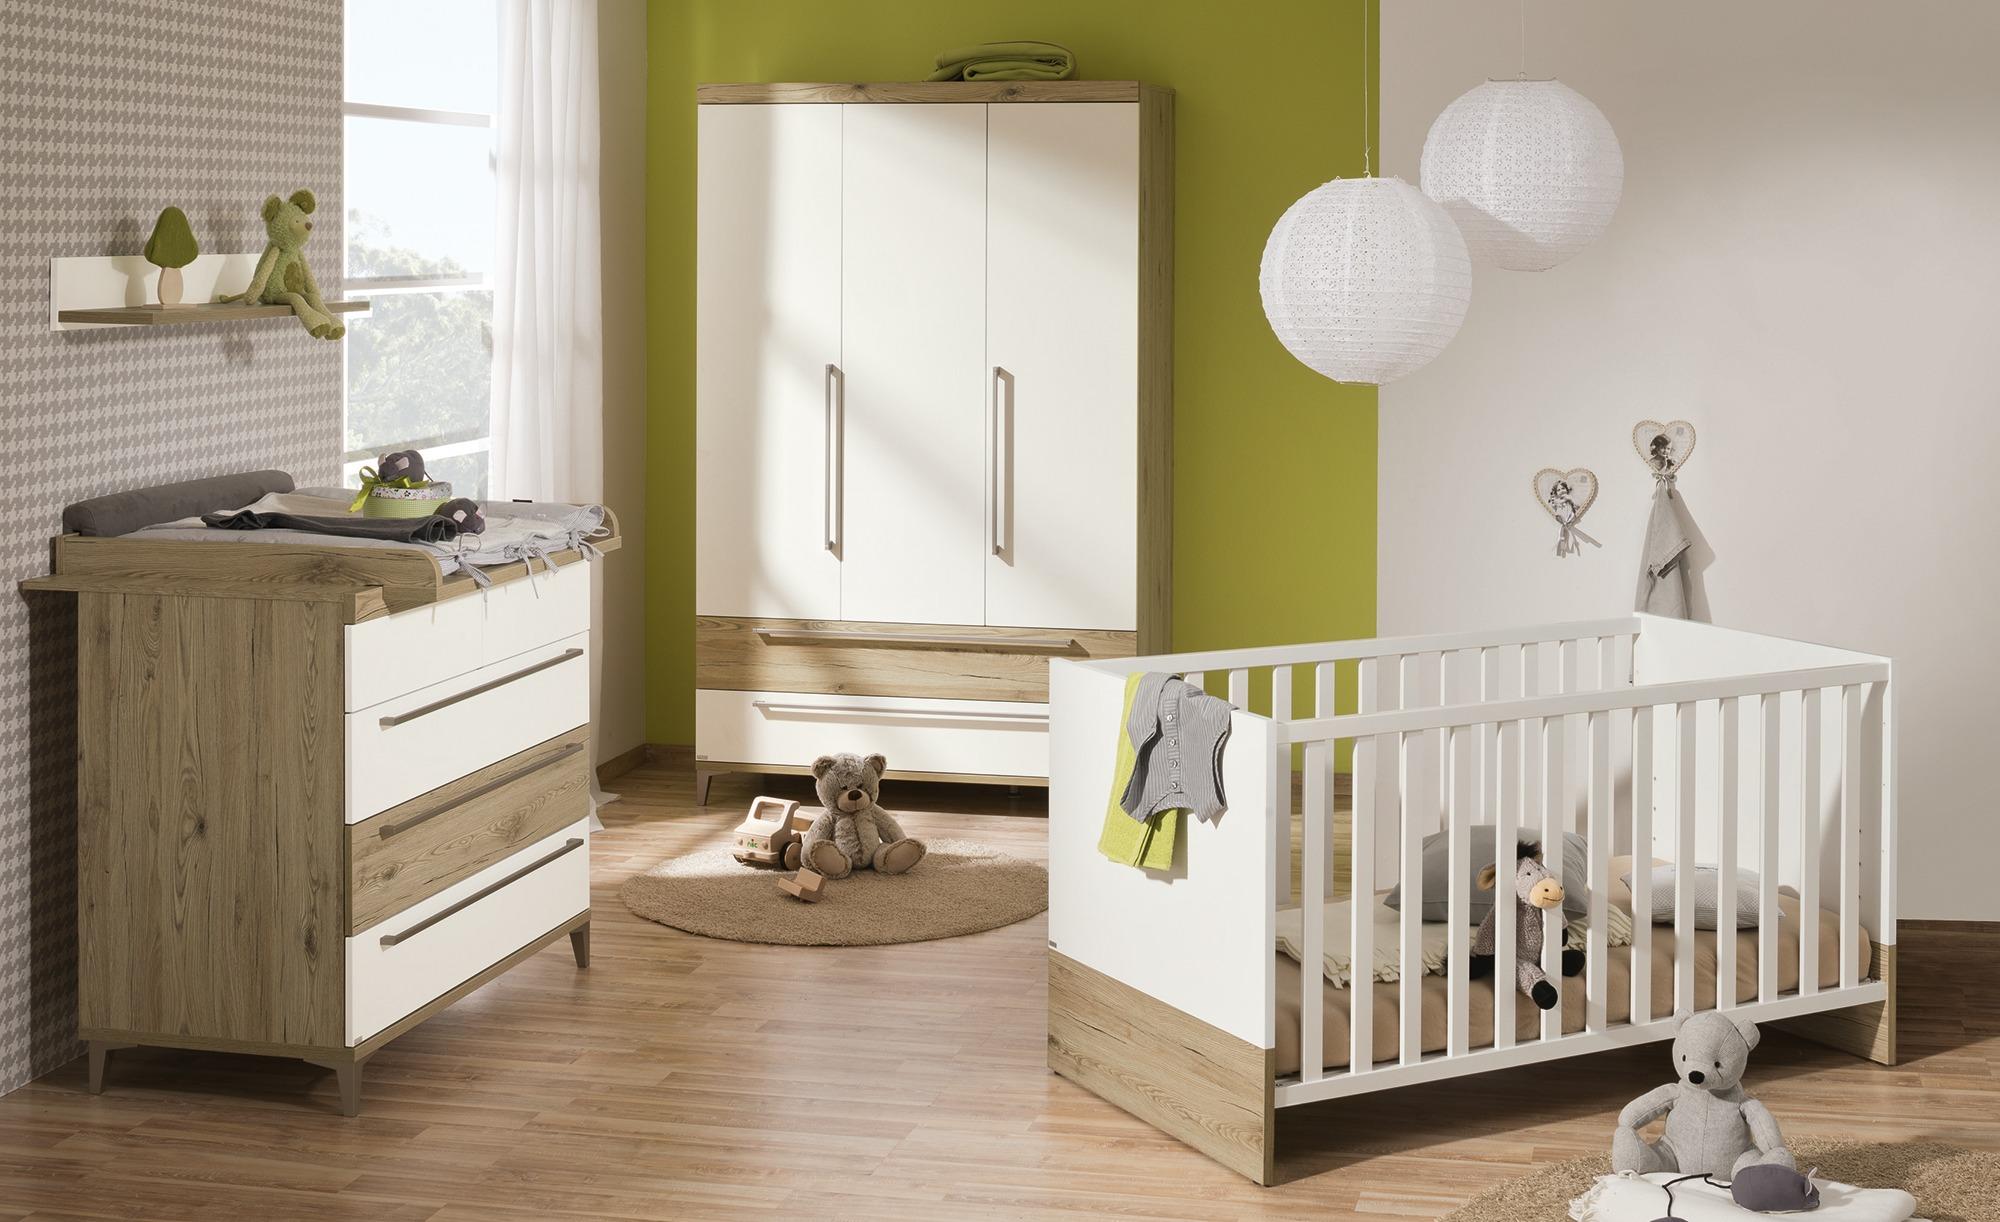 Babyzimmer Remo, gefunden bei Möbel Höffner